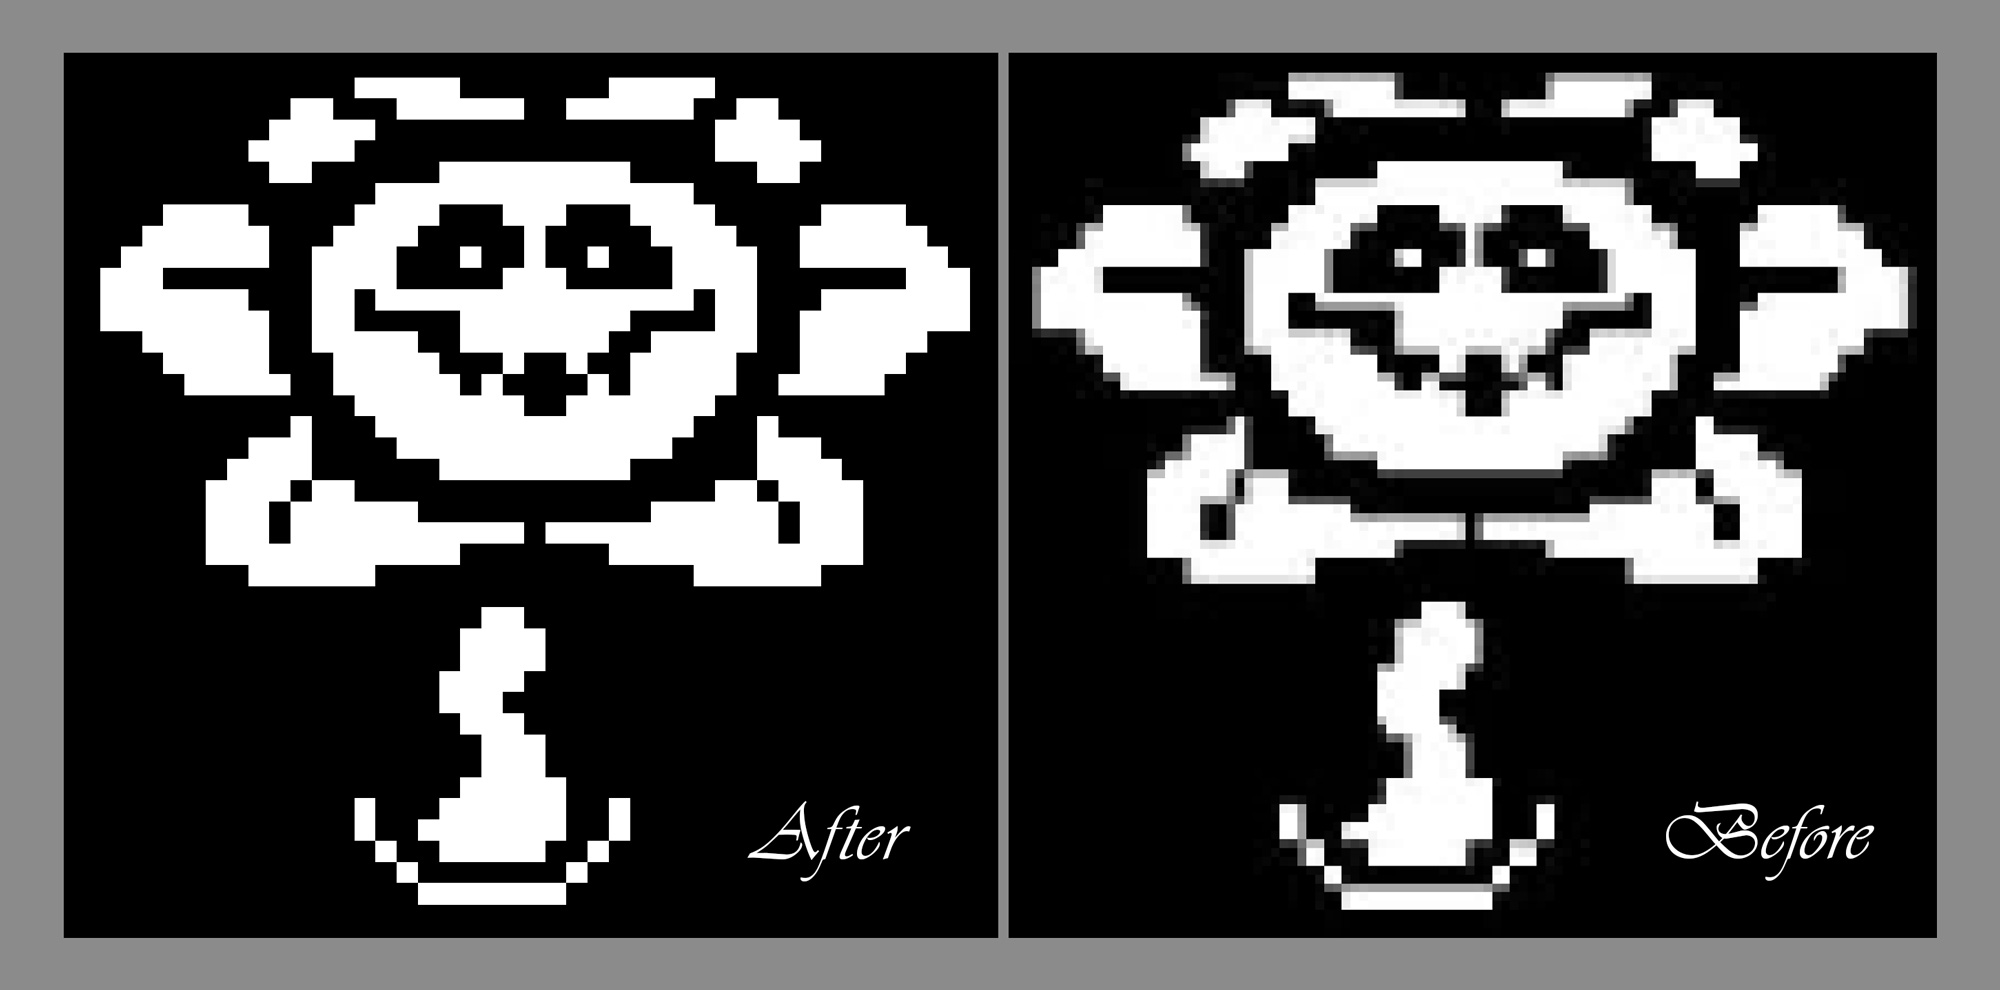 Отрисовка Пиксельной картинки